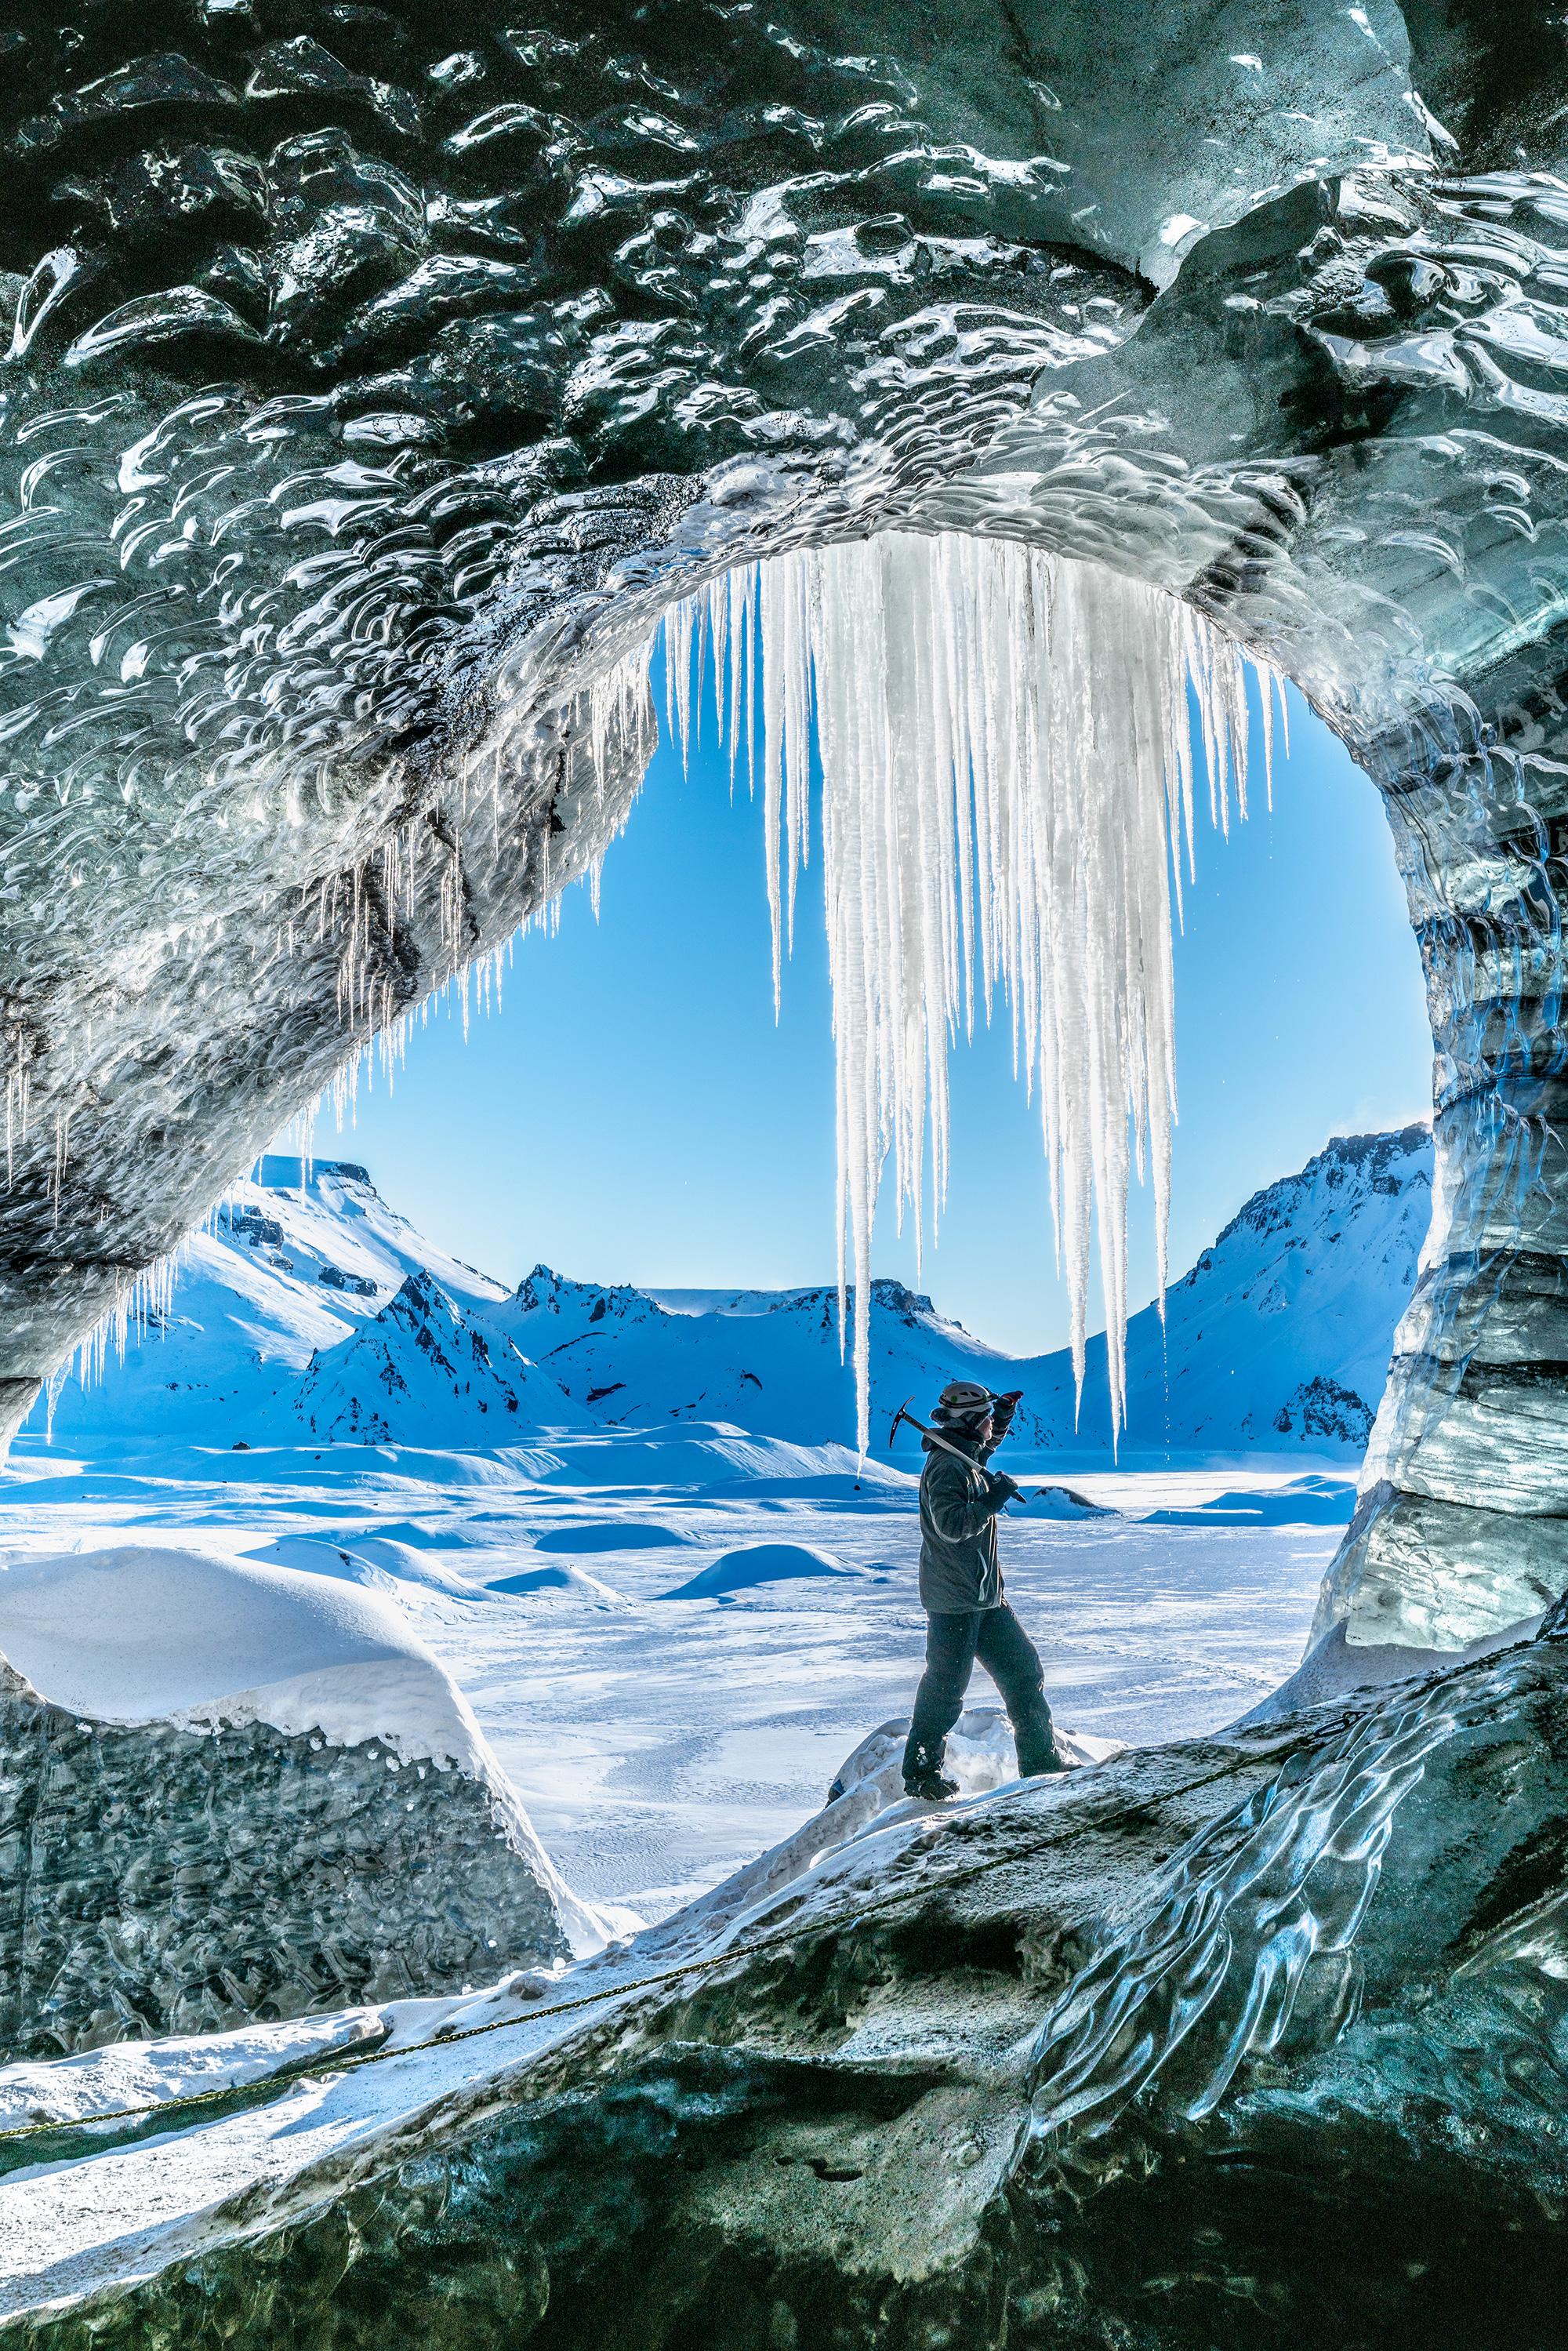 Ледяная пещера на вулкане Катла и южное побережье | Тур из Рейкьявика